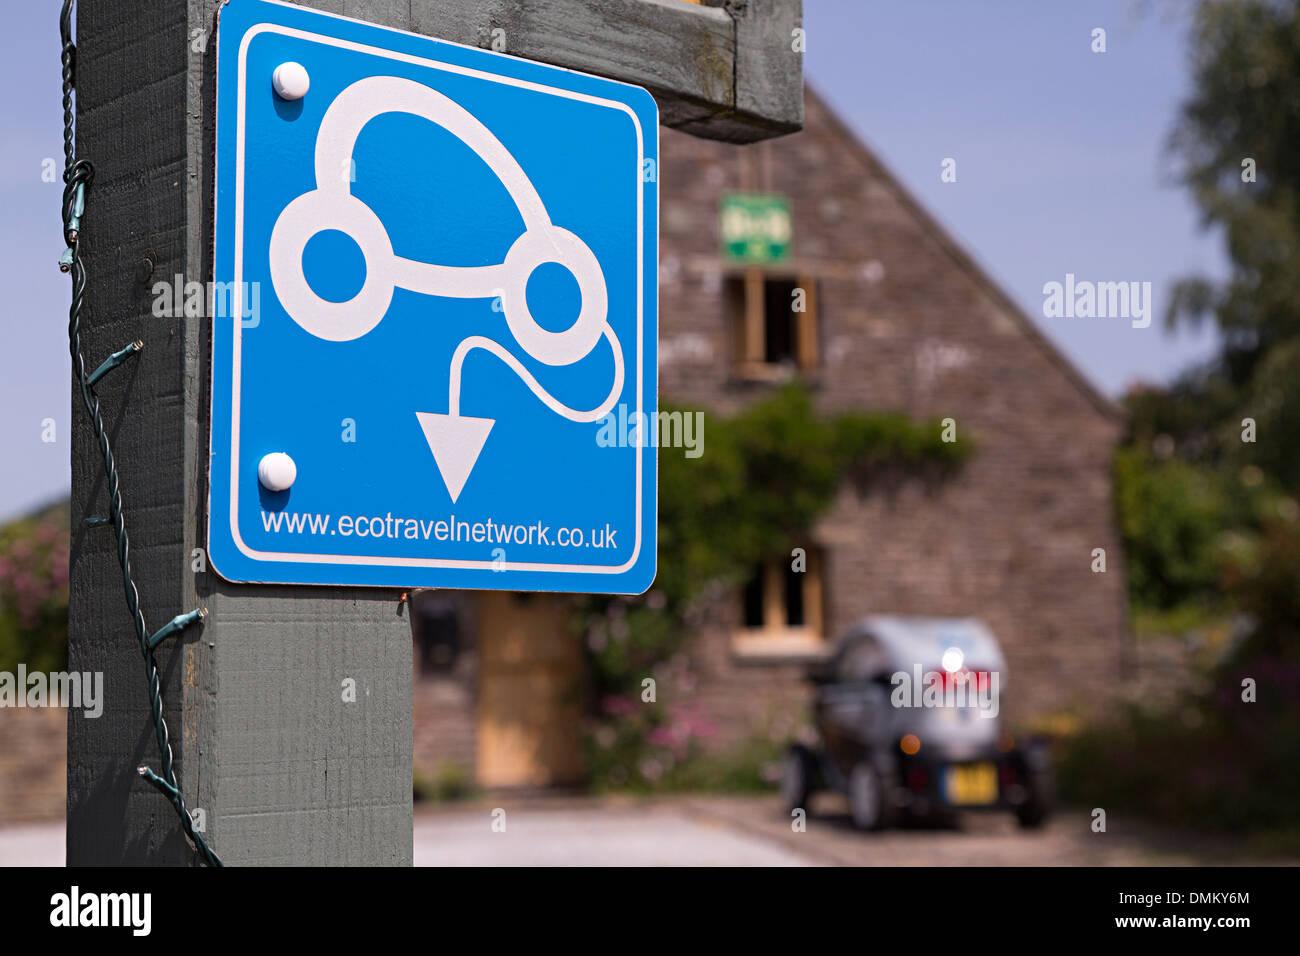 Eco reisen Netzwerk Schild mit ökologischen Auto im Hintergrund, Talgarth, Wales, UK Stockbild